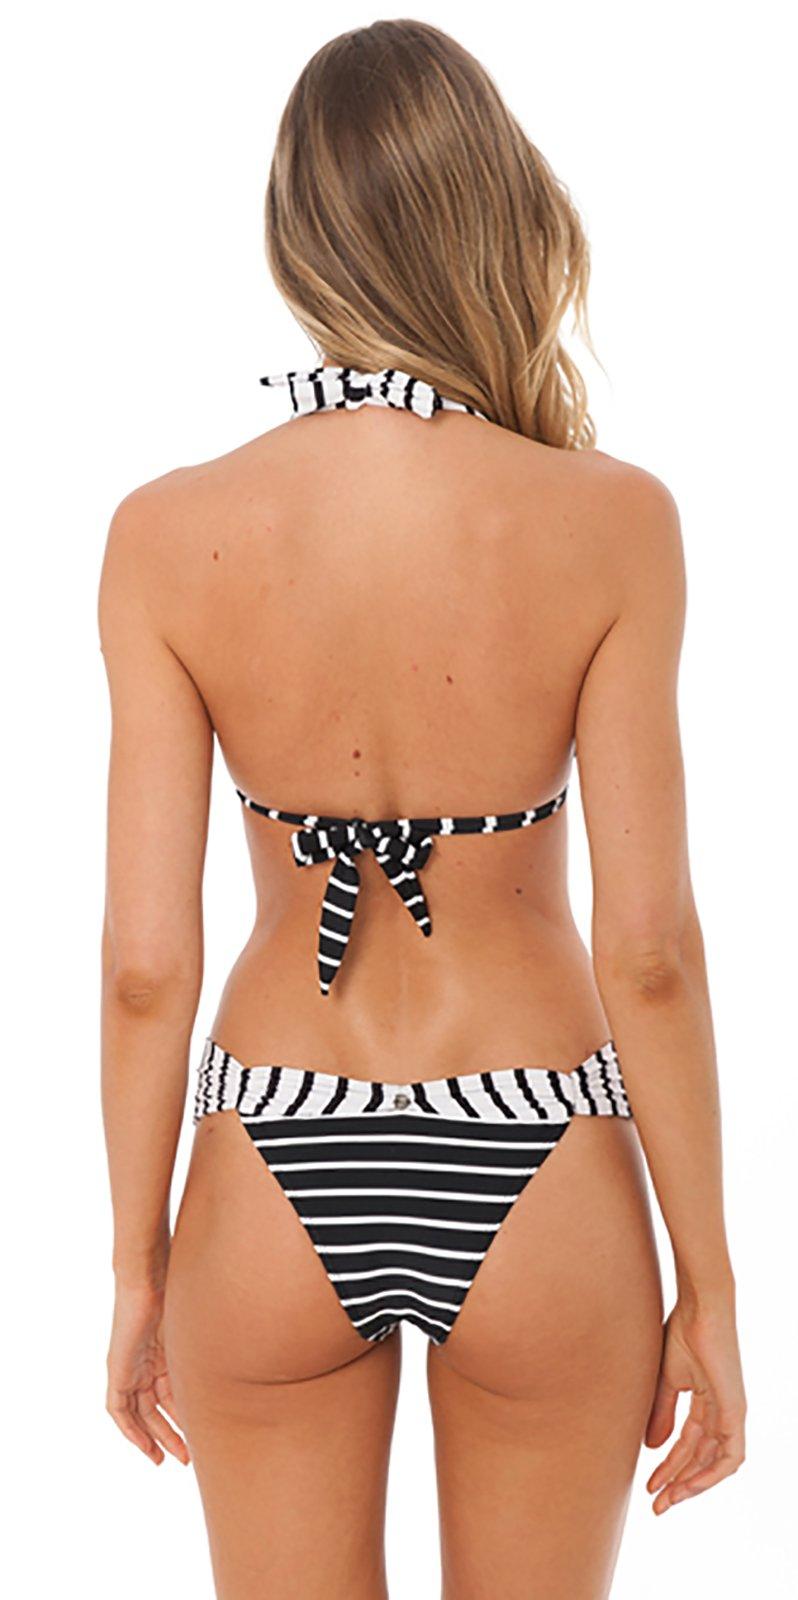 f62f306241 Black   White Bikini In Strips And Polka Dots - Venus Black Geometric